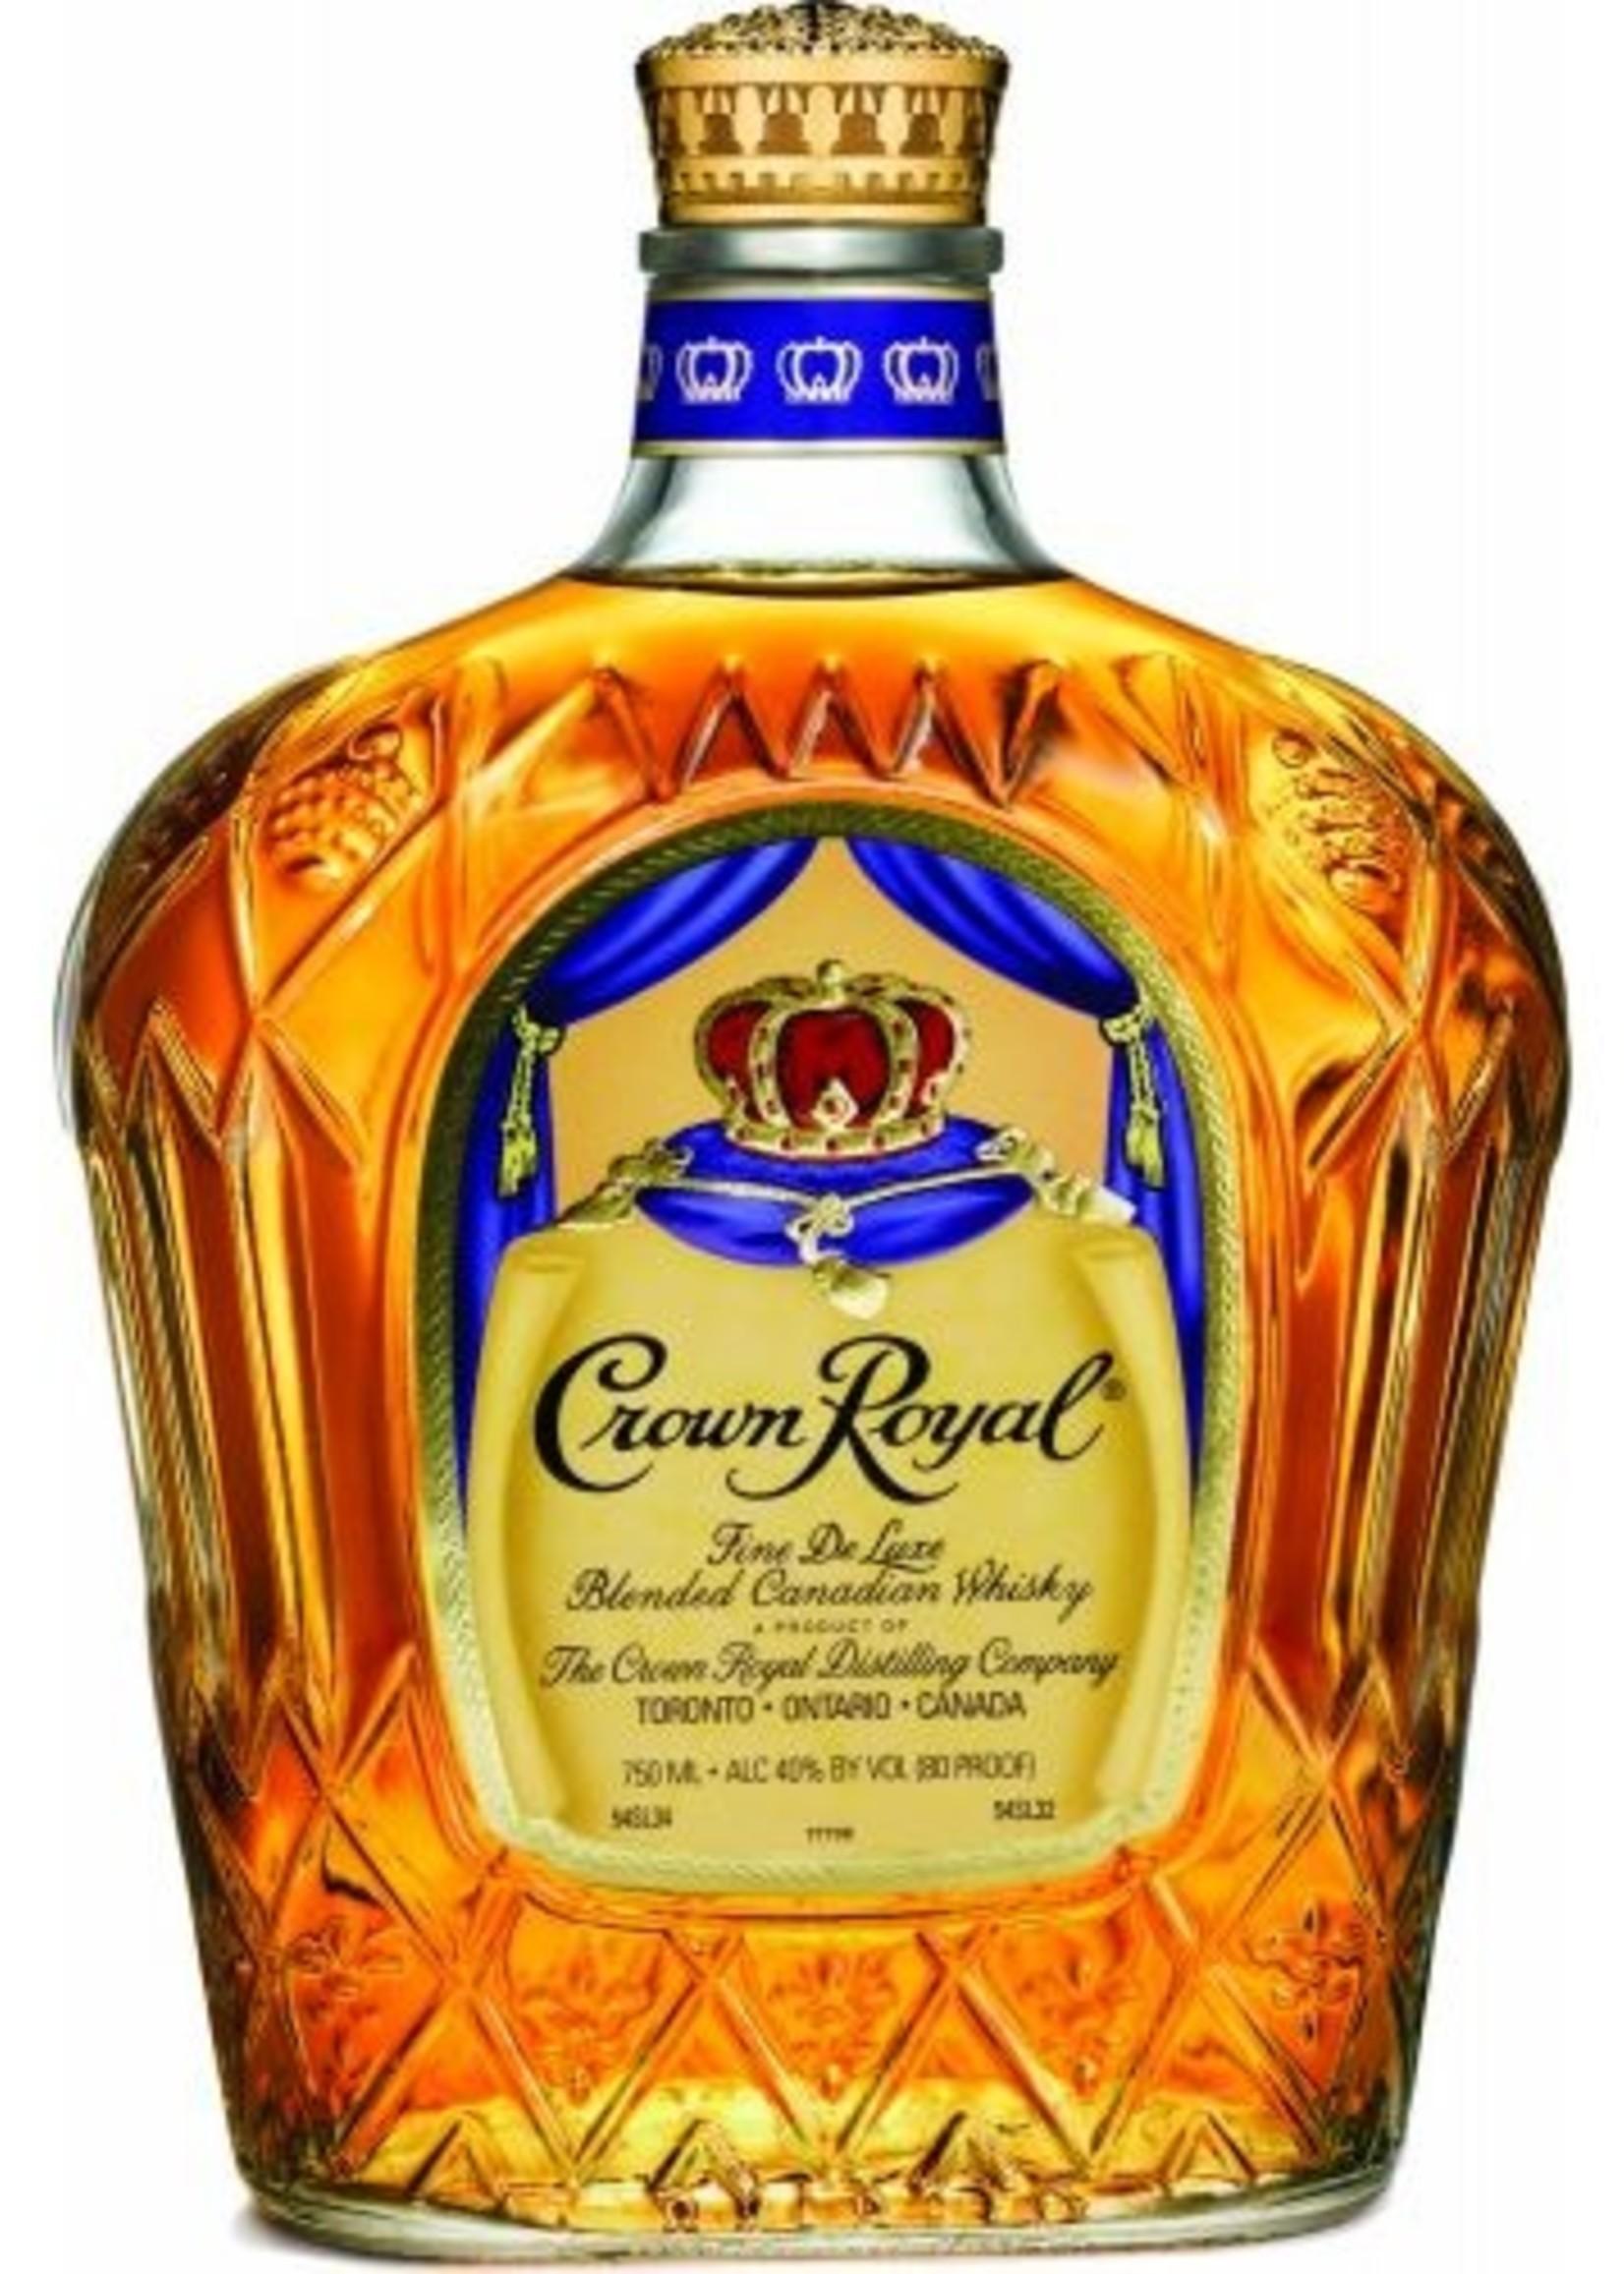 Crown Royal LTR